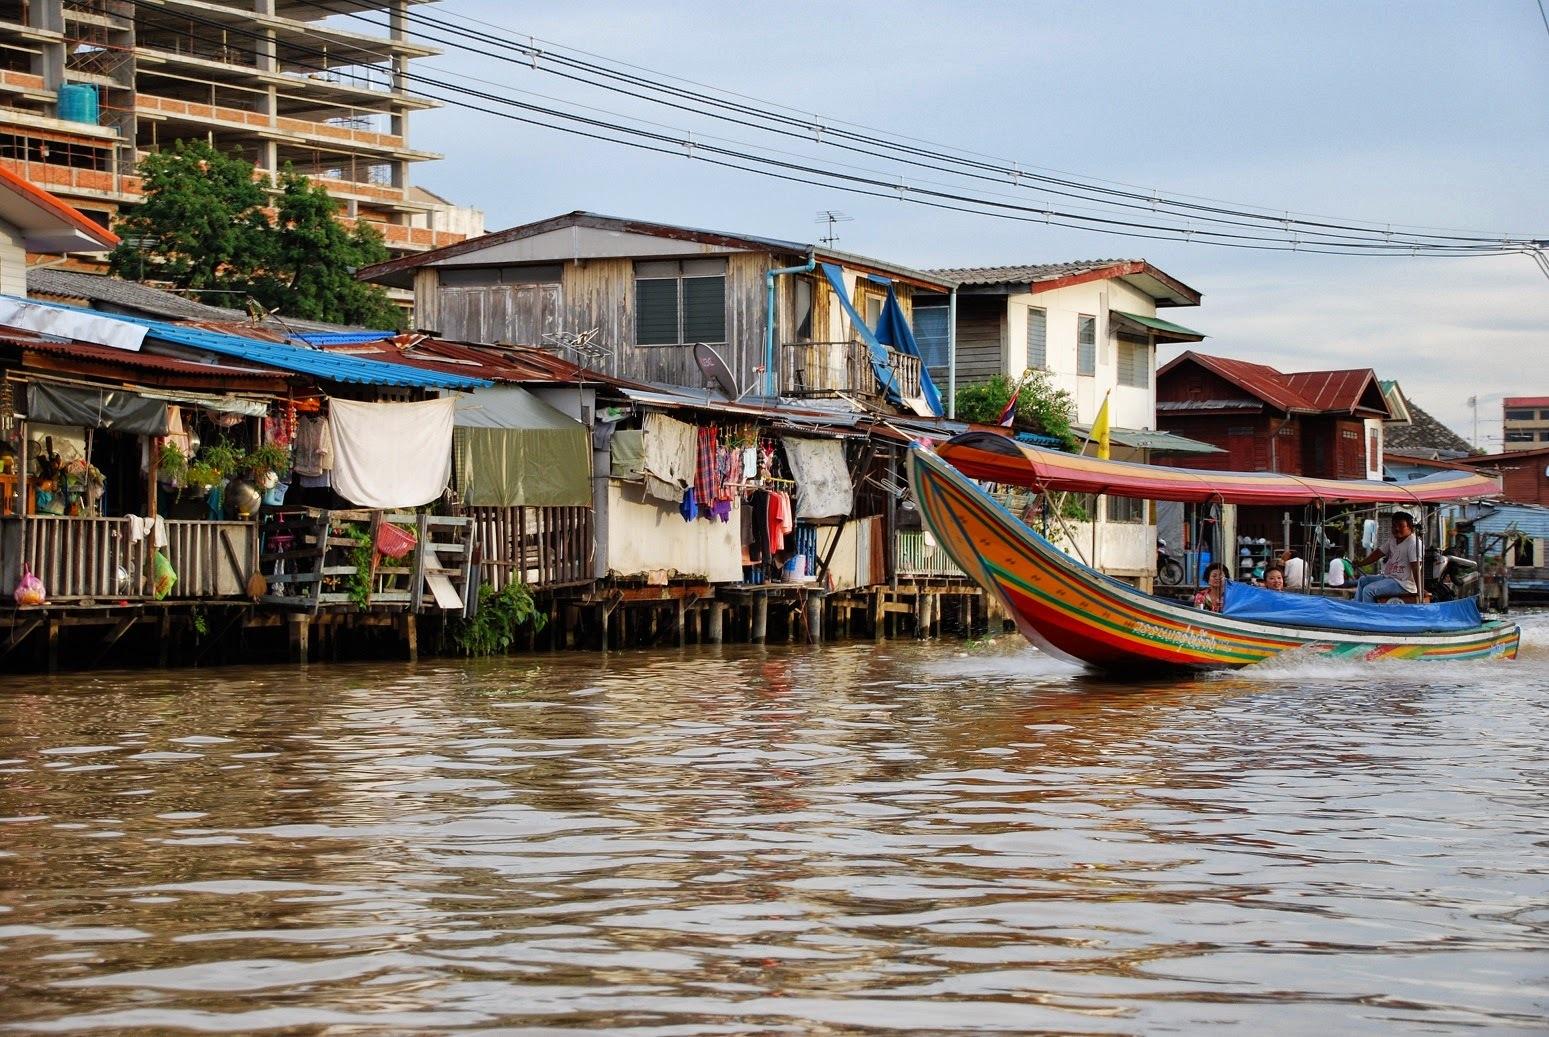 Tajlandia - Bangkok - Kanały